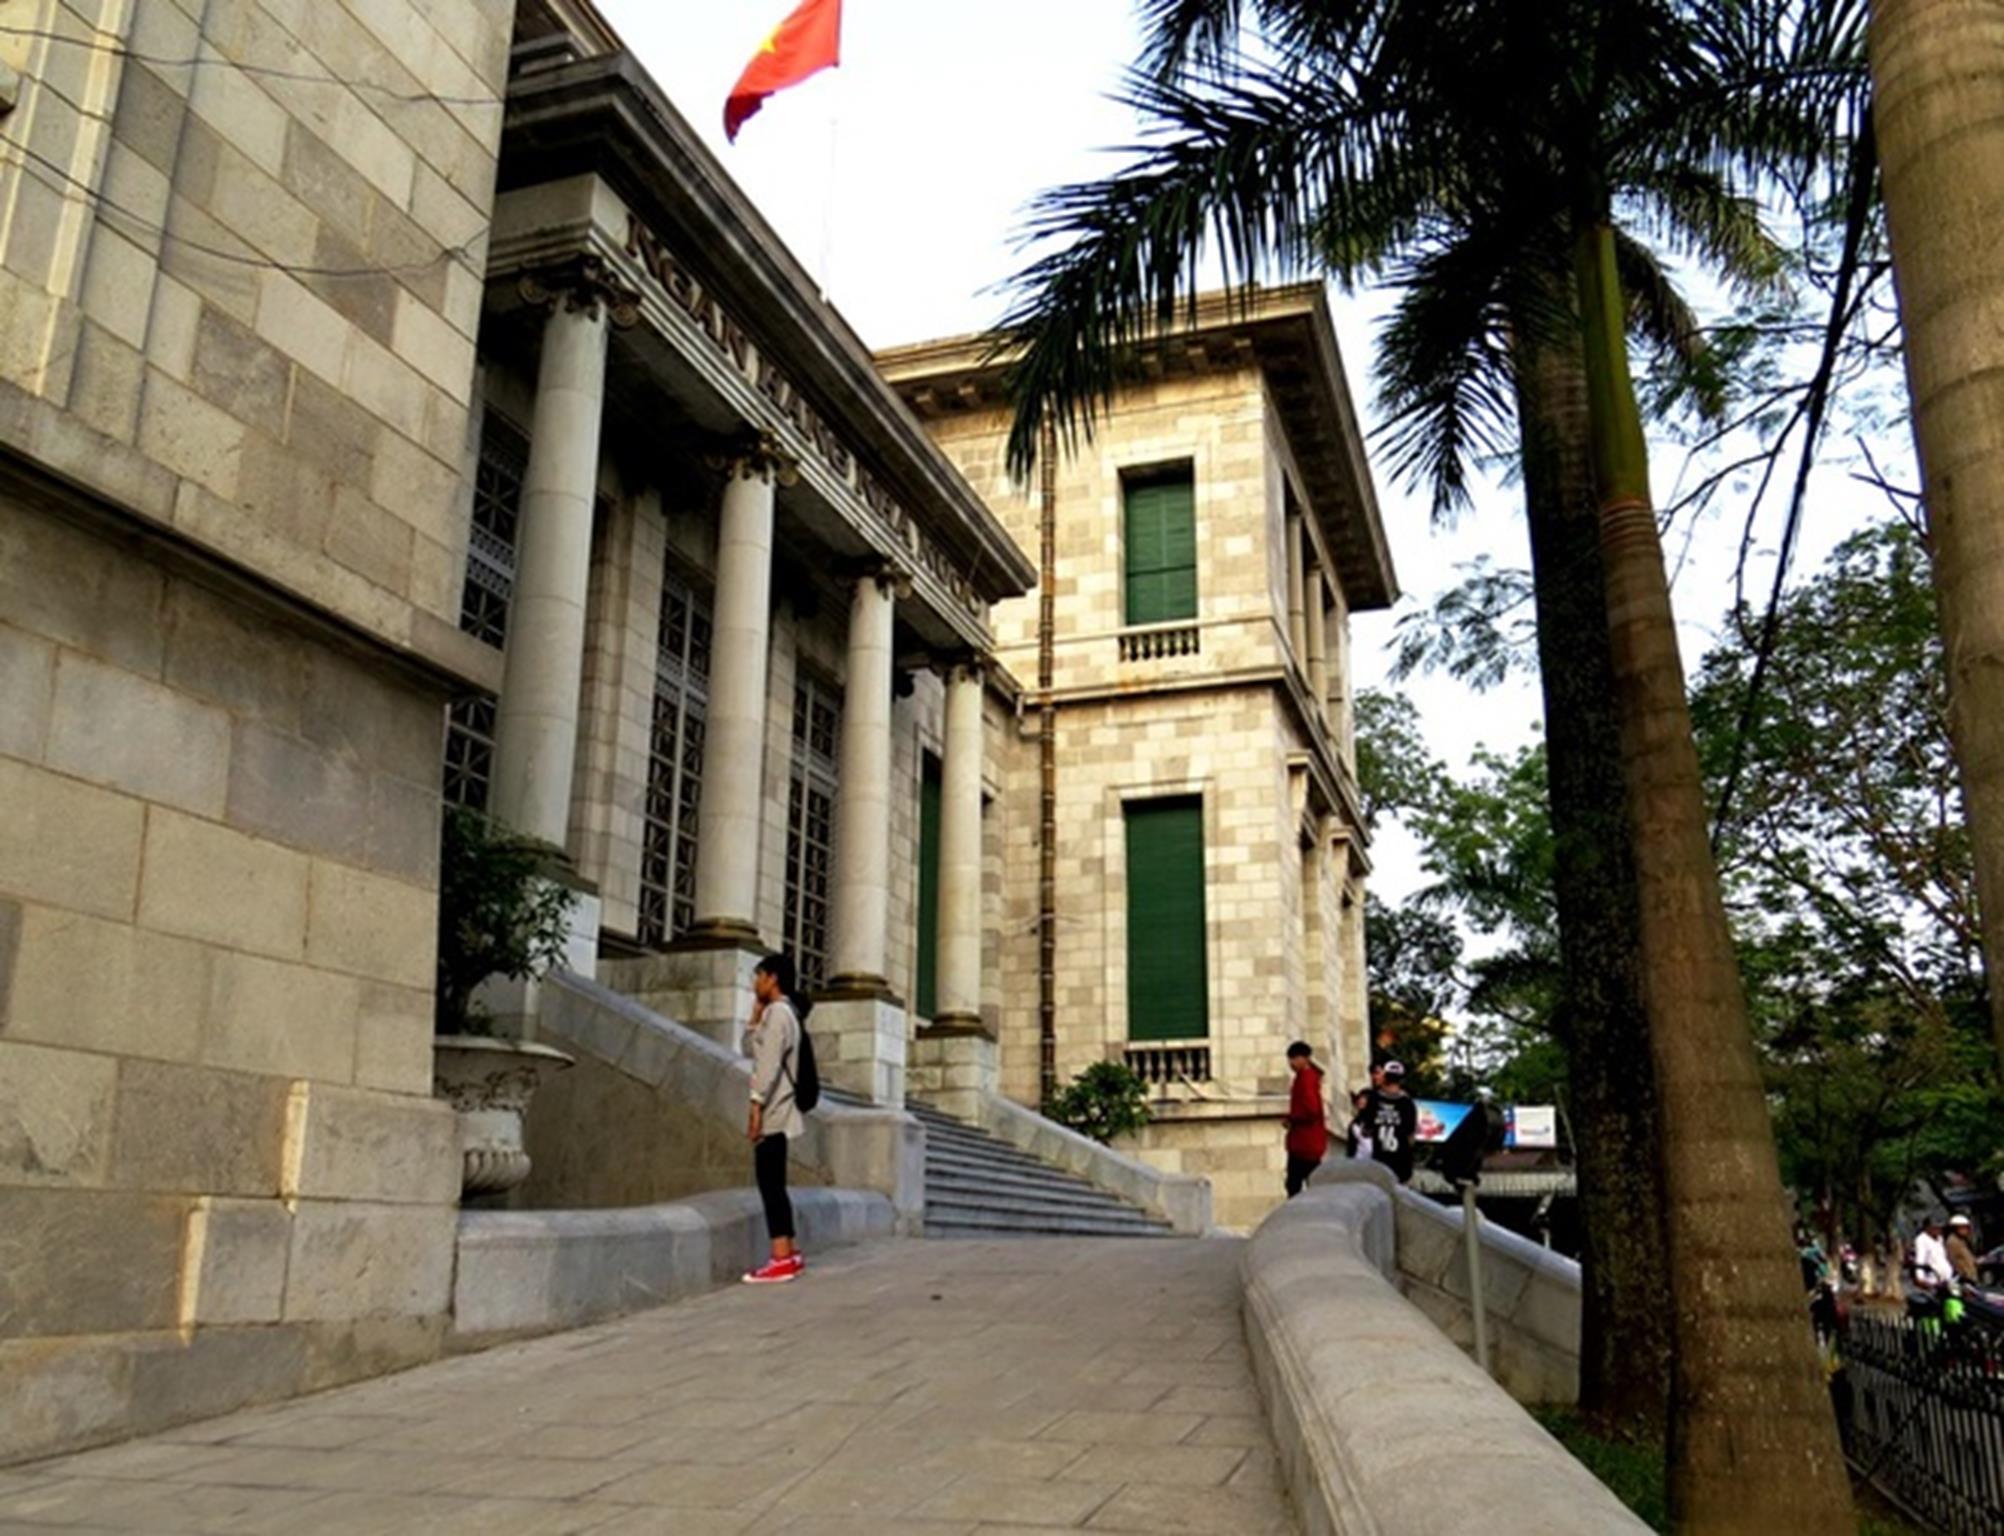 Trụ sở ngân hàng này được người Pháp xây dựng hoàn toàn bằng đá xanh tự nhiên nguyên khối, khai thác tại núi đá Thủy Nguyên (Hải Phòng) và các mỏ đá Thanh Hóa. Tòa nhà được thiết kế 3 tầng, bao gồm một tầng hầm dùng làm kho, 2 tầng trên dùng làm việc và giao dịch.